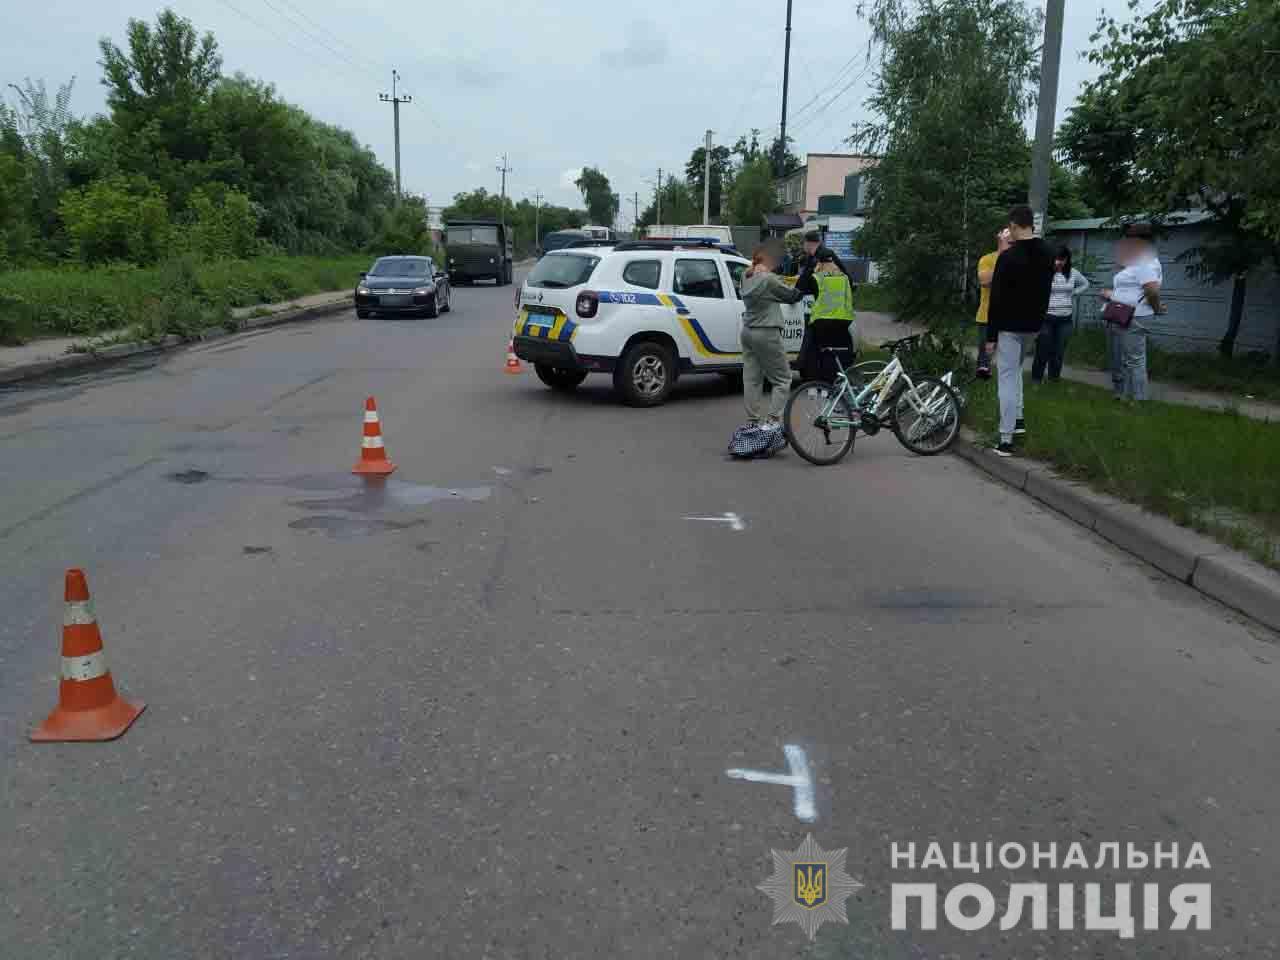 У Сумах 16-річна дівчина на велосипеді потрапила під автобус, - поліці